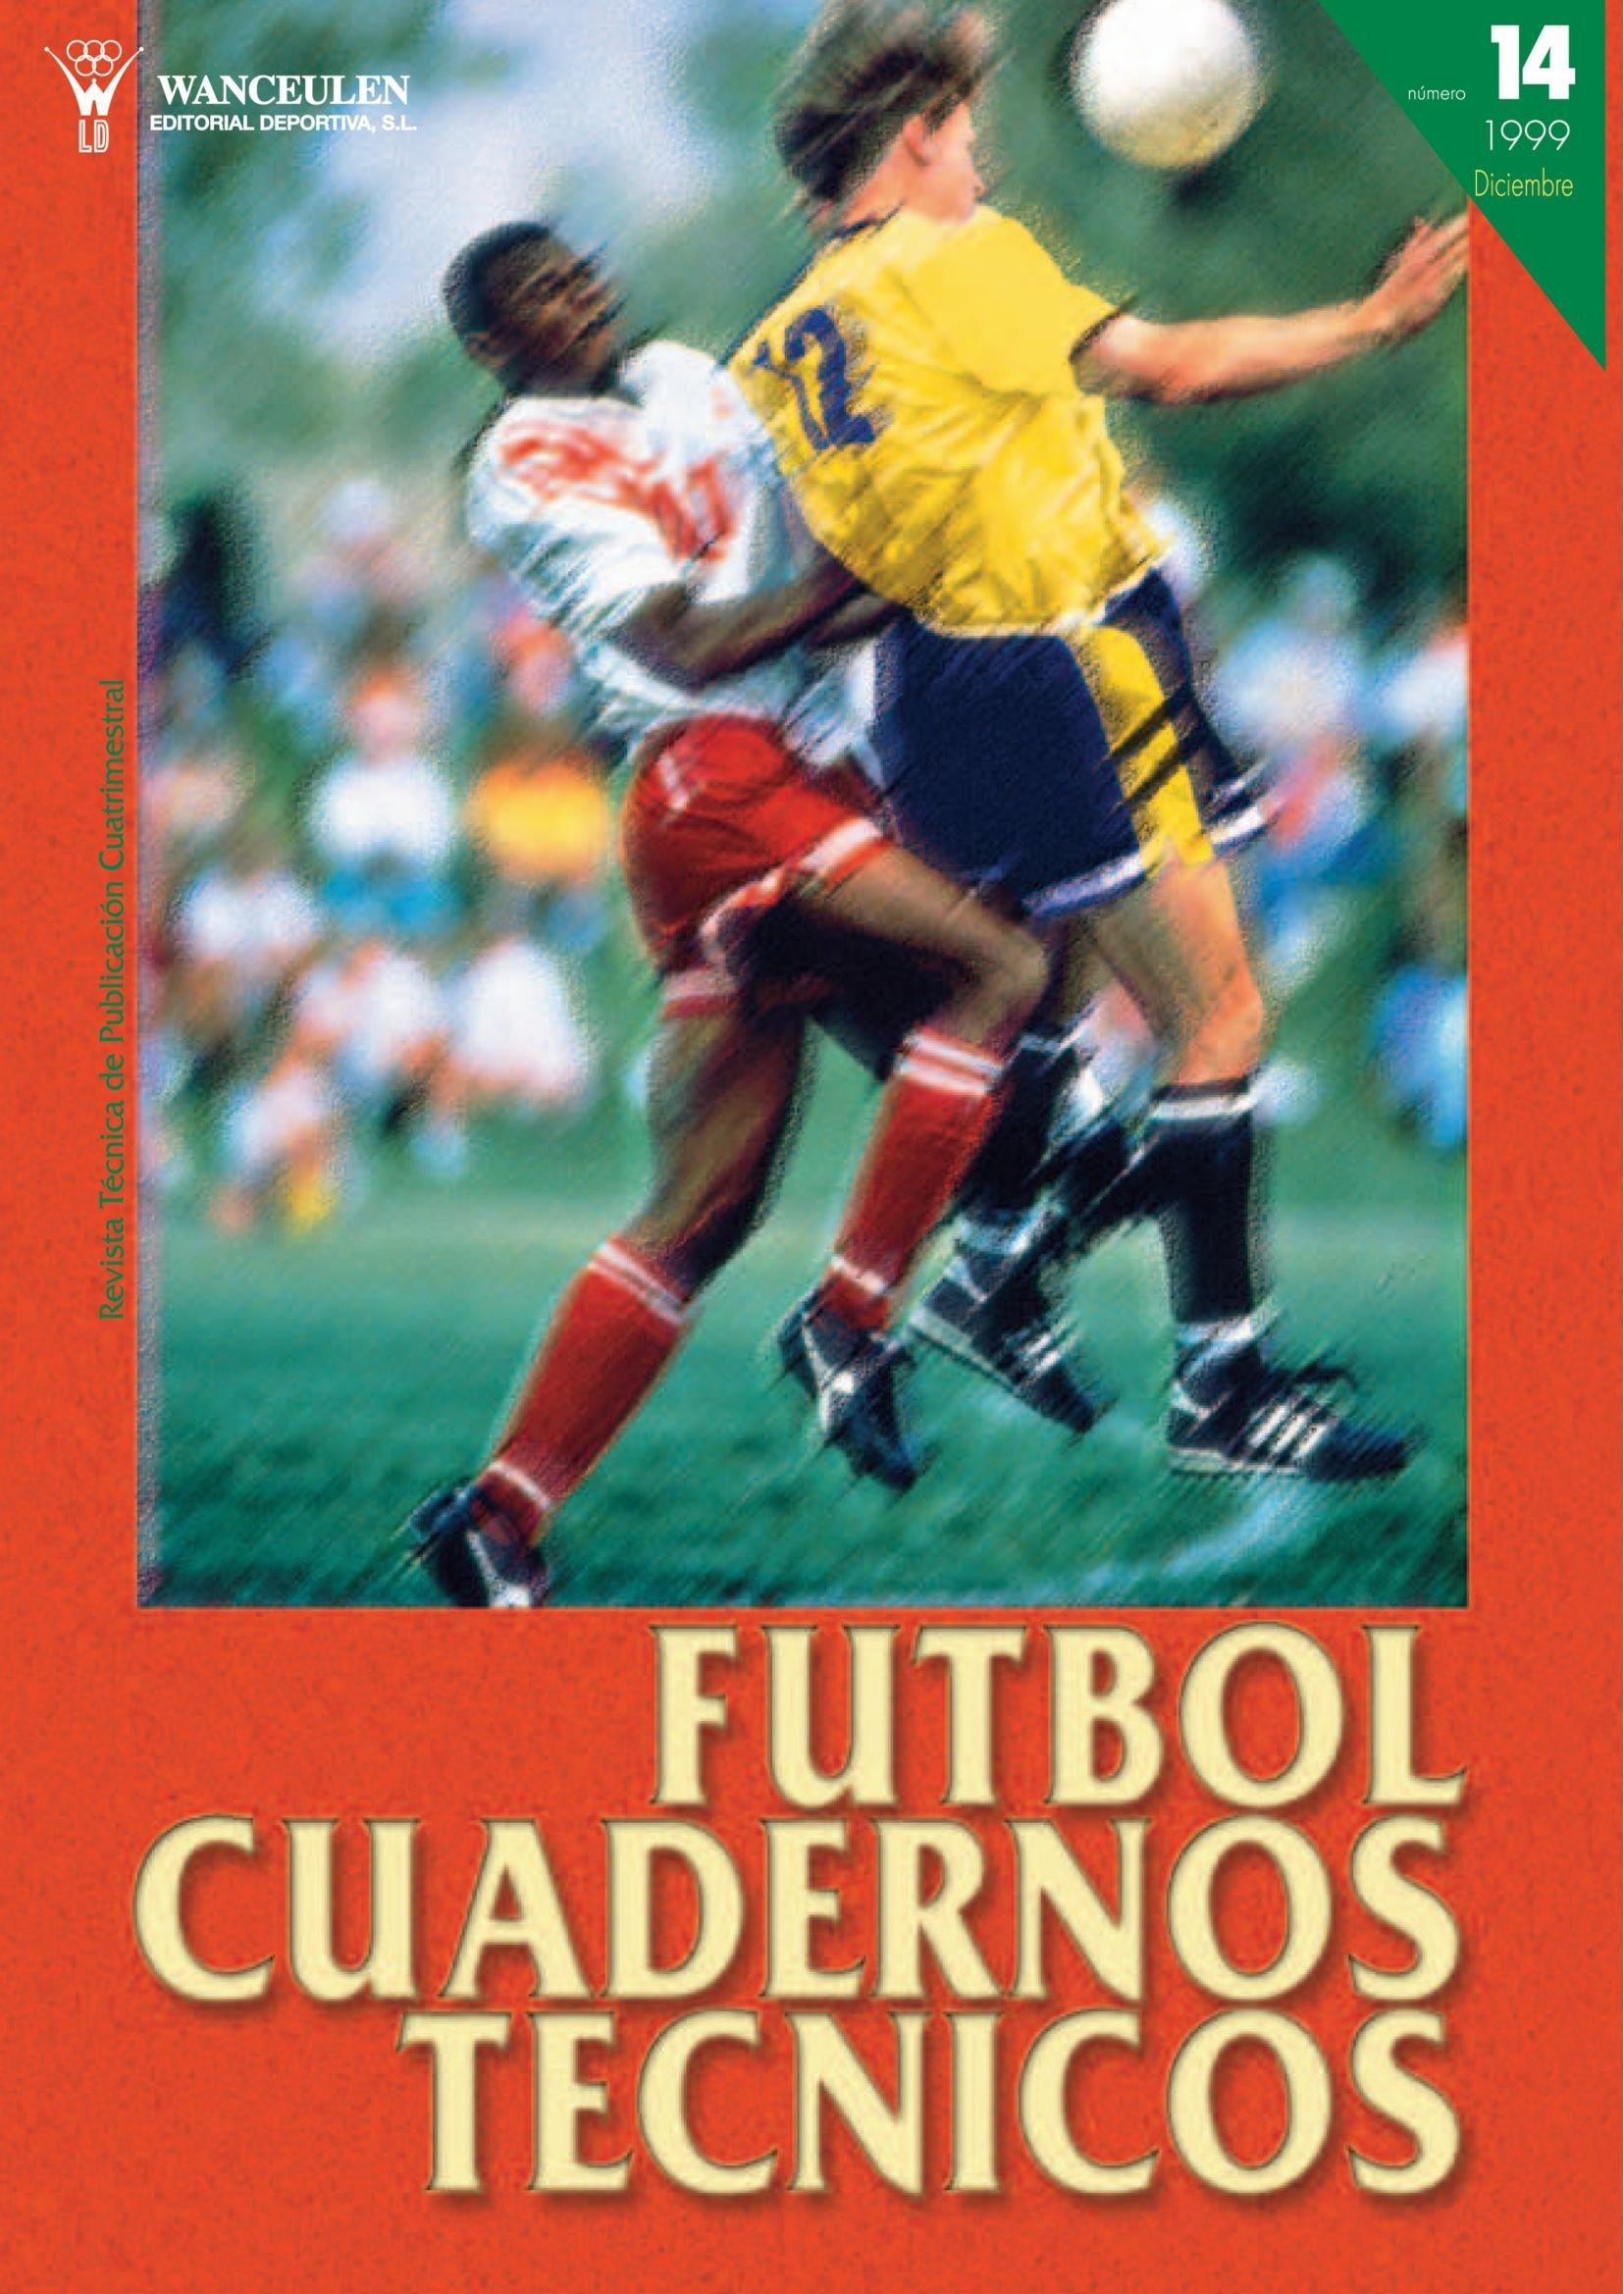 Fútbol: Cuadernos Técnicos Nº 14: Amazon.es: Moreno, Jose Fco ...